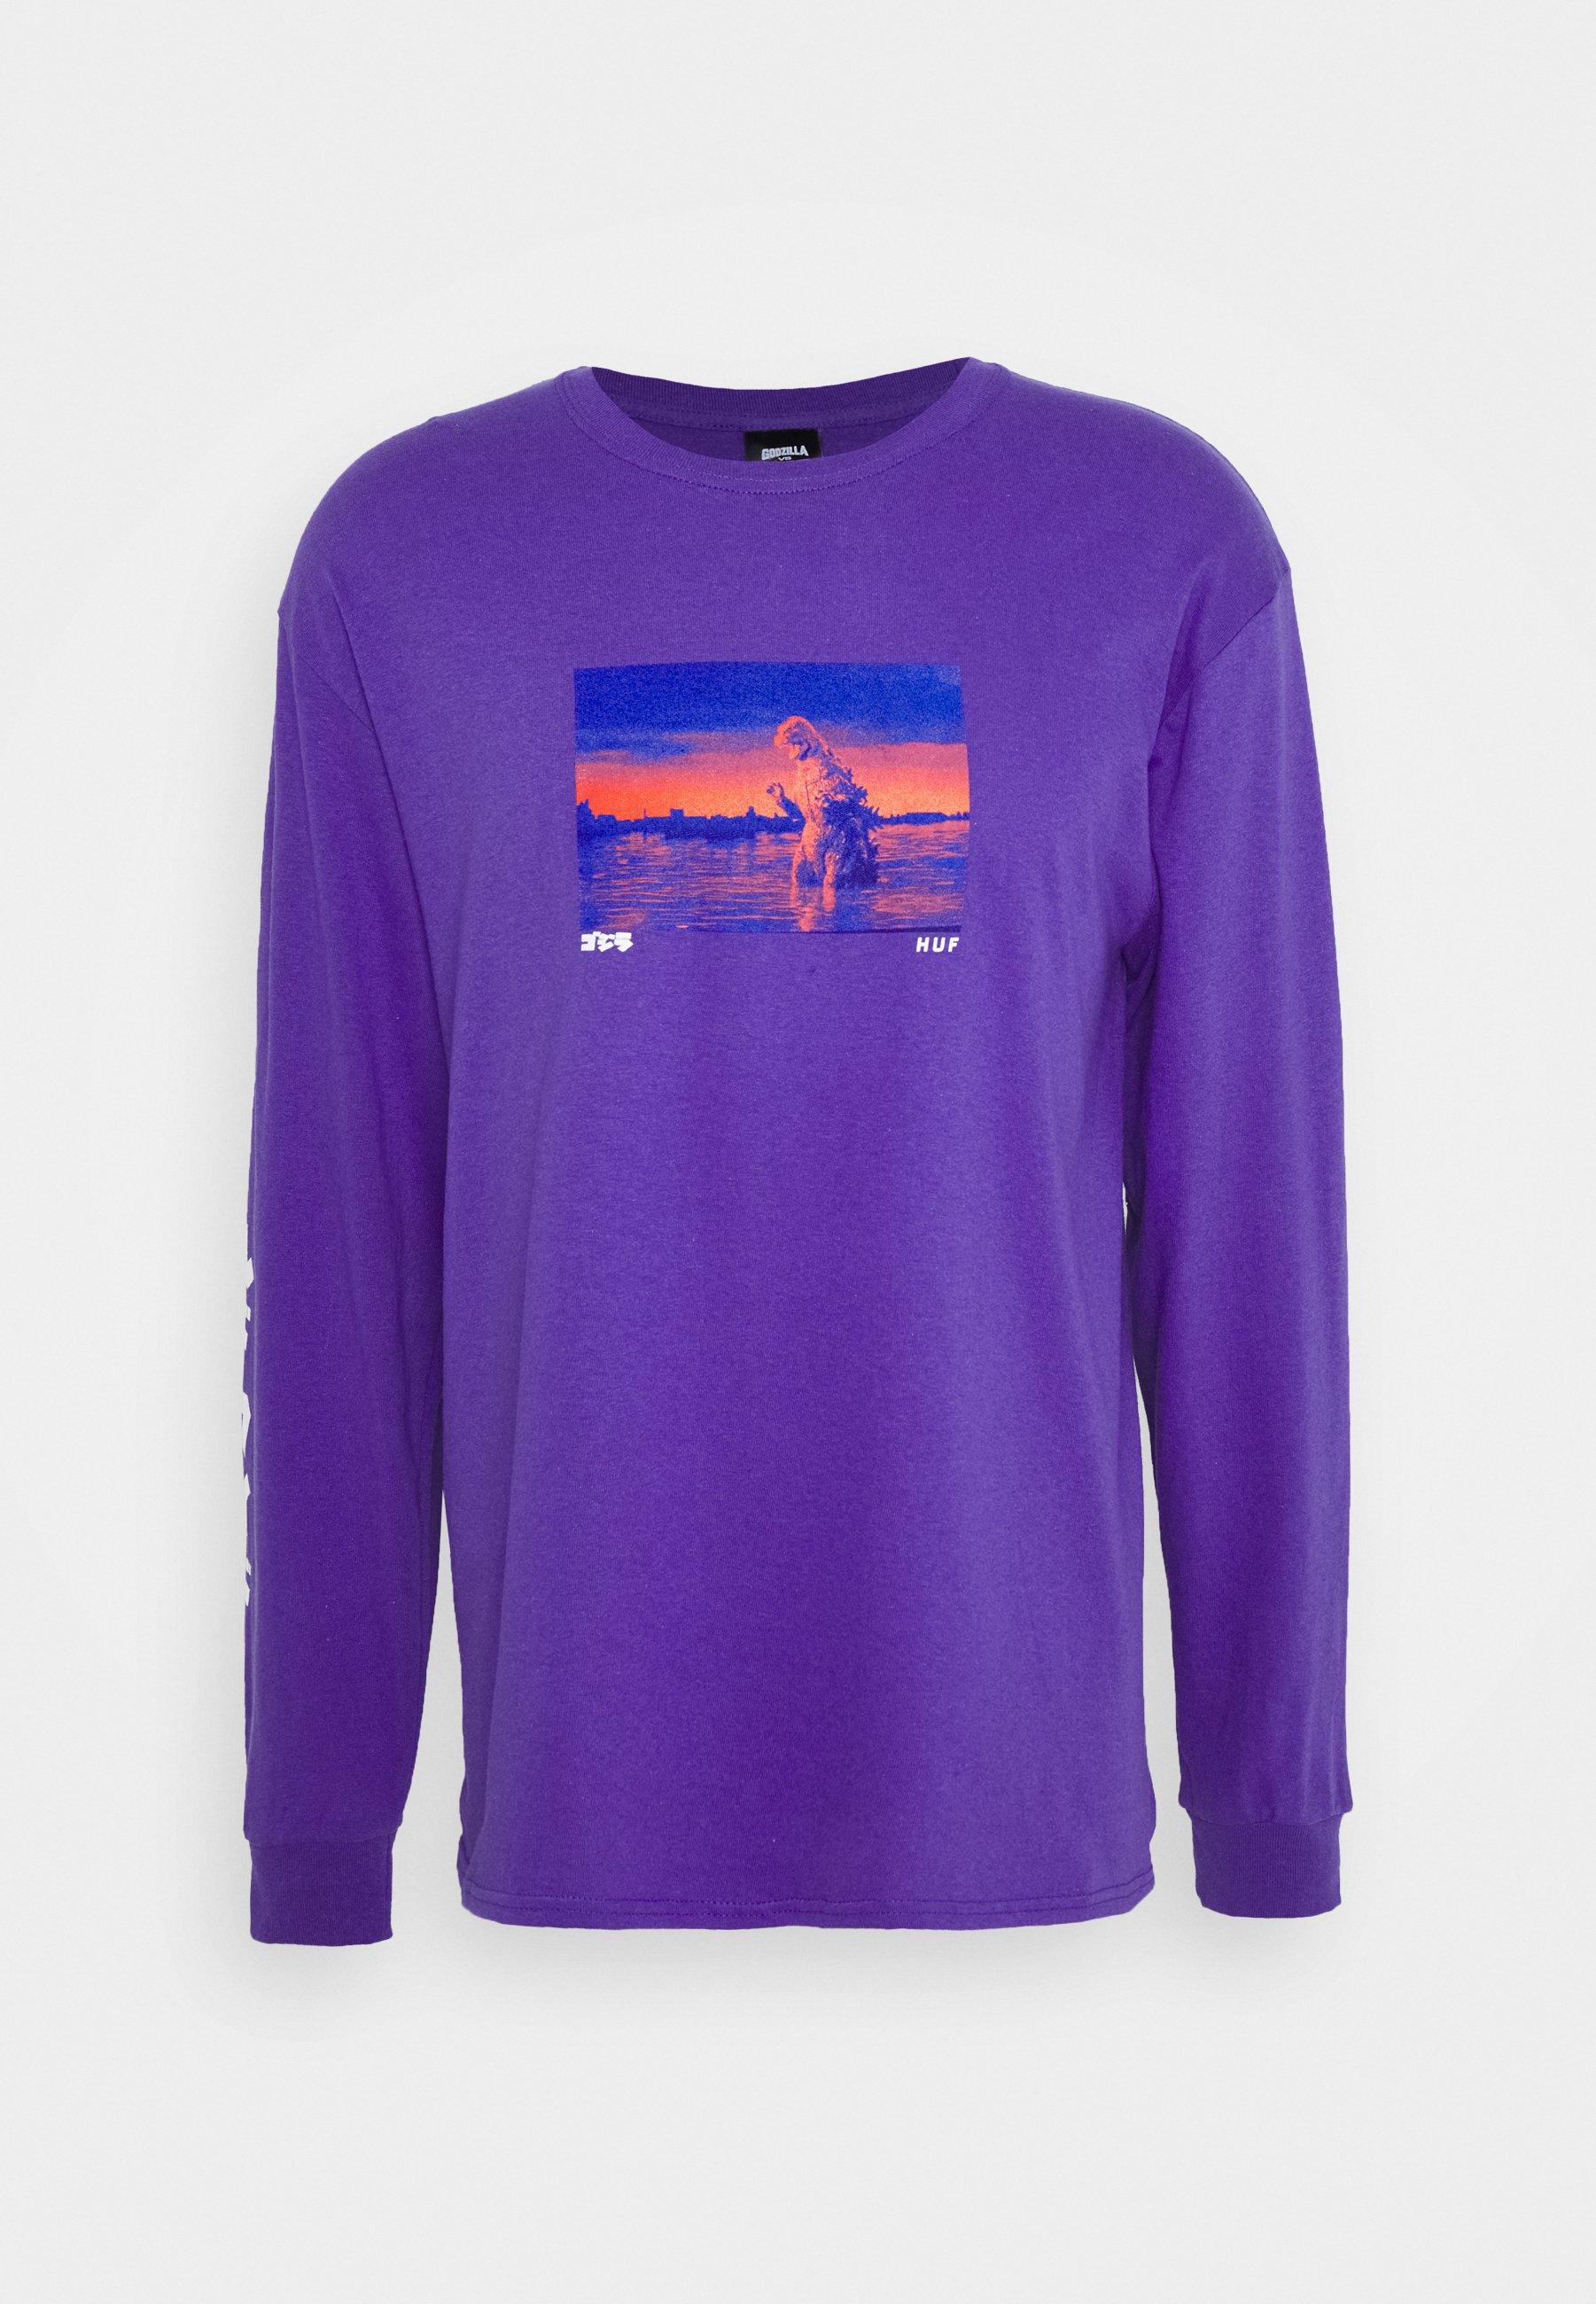 GODZILLA WATER TEE Longsleeve purple